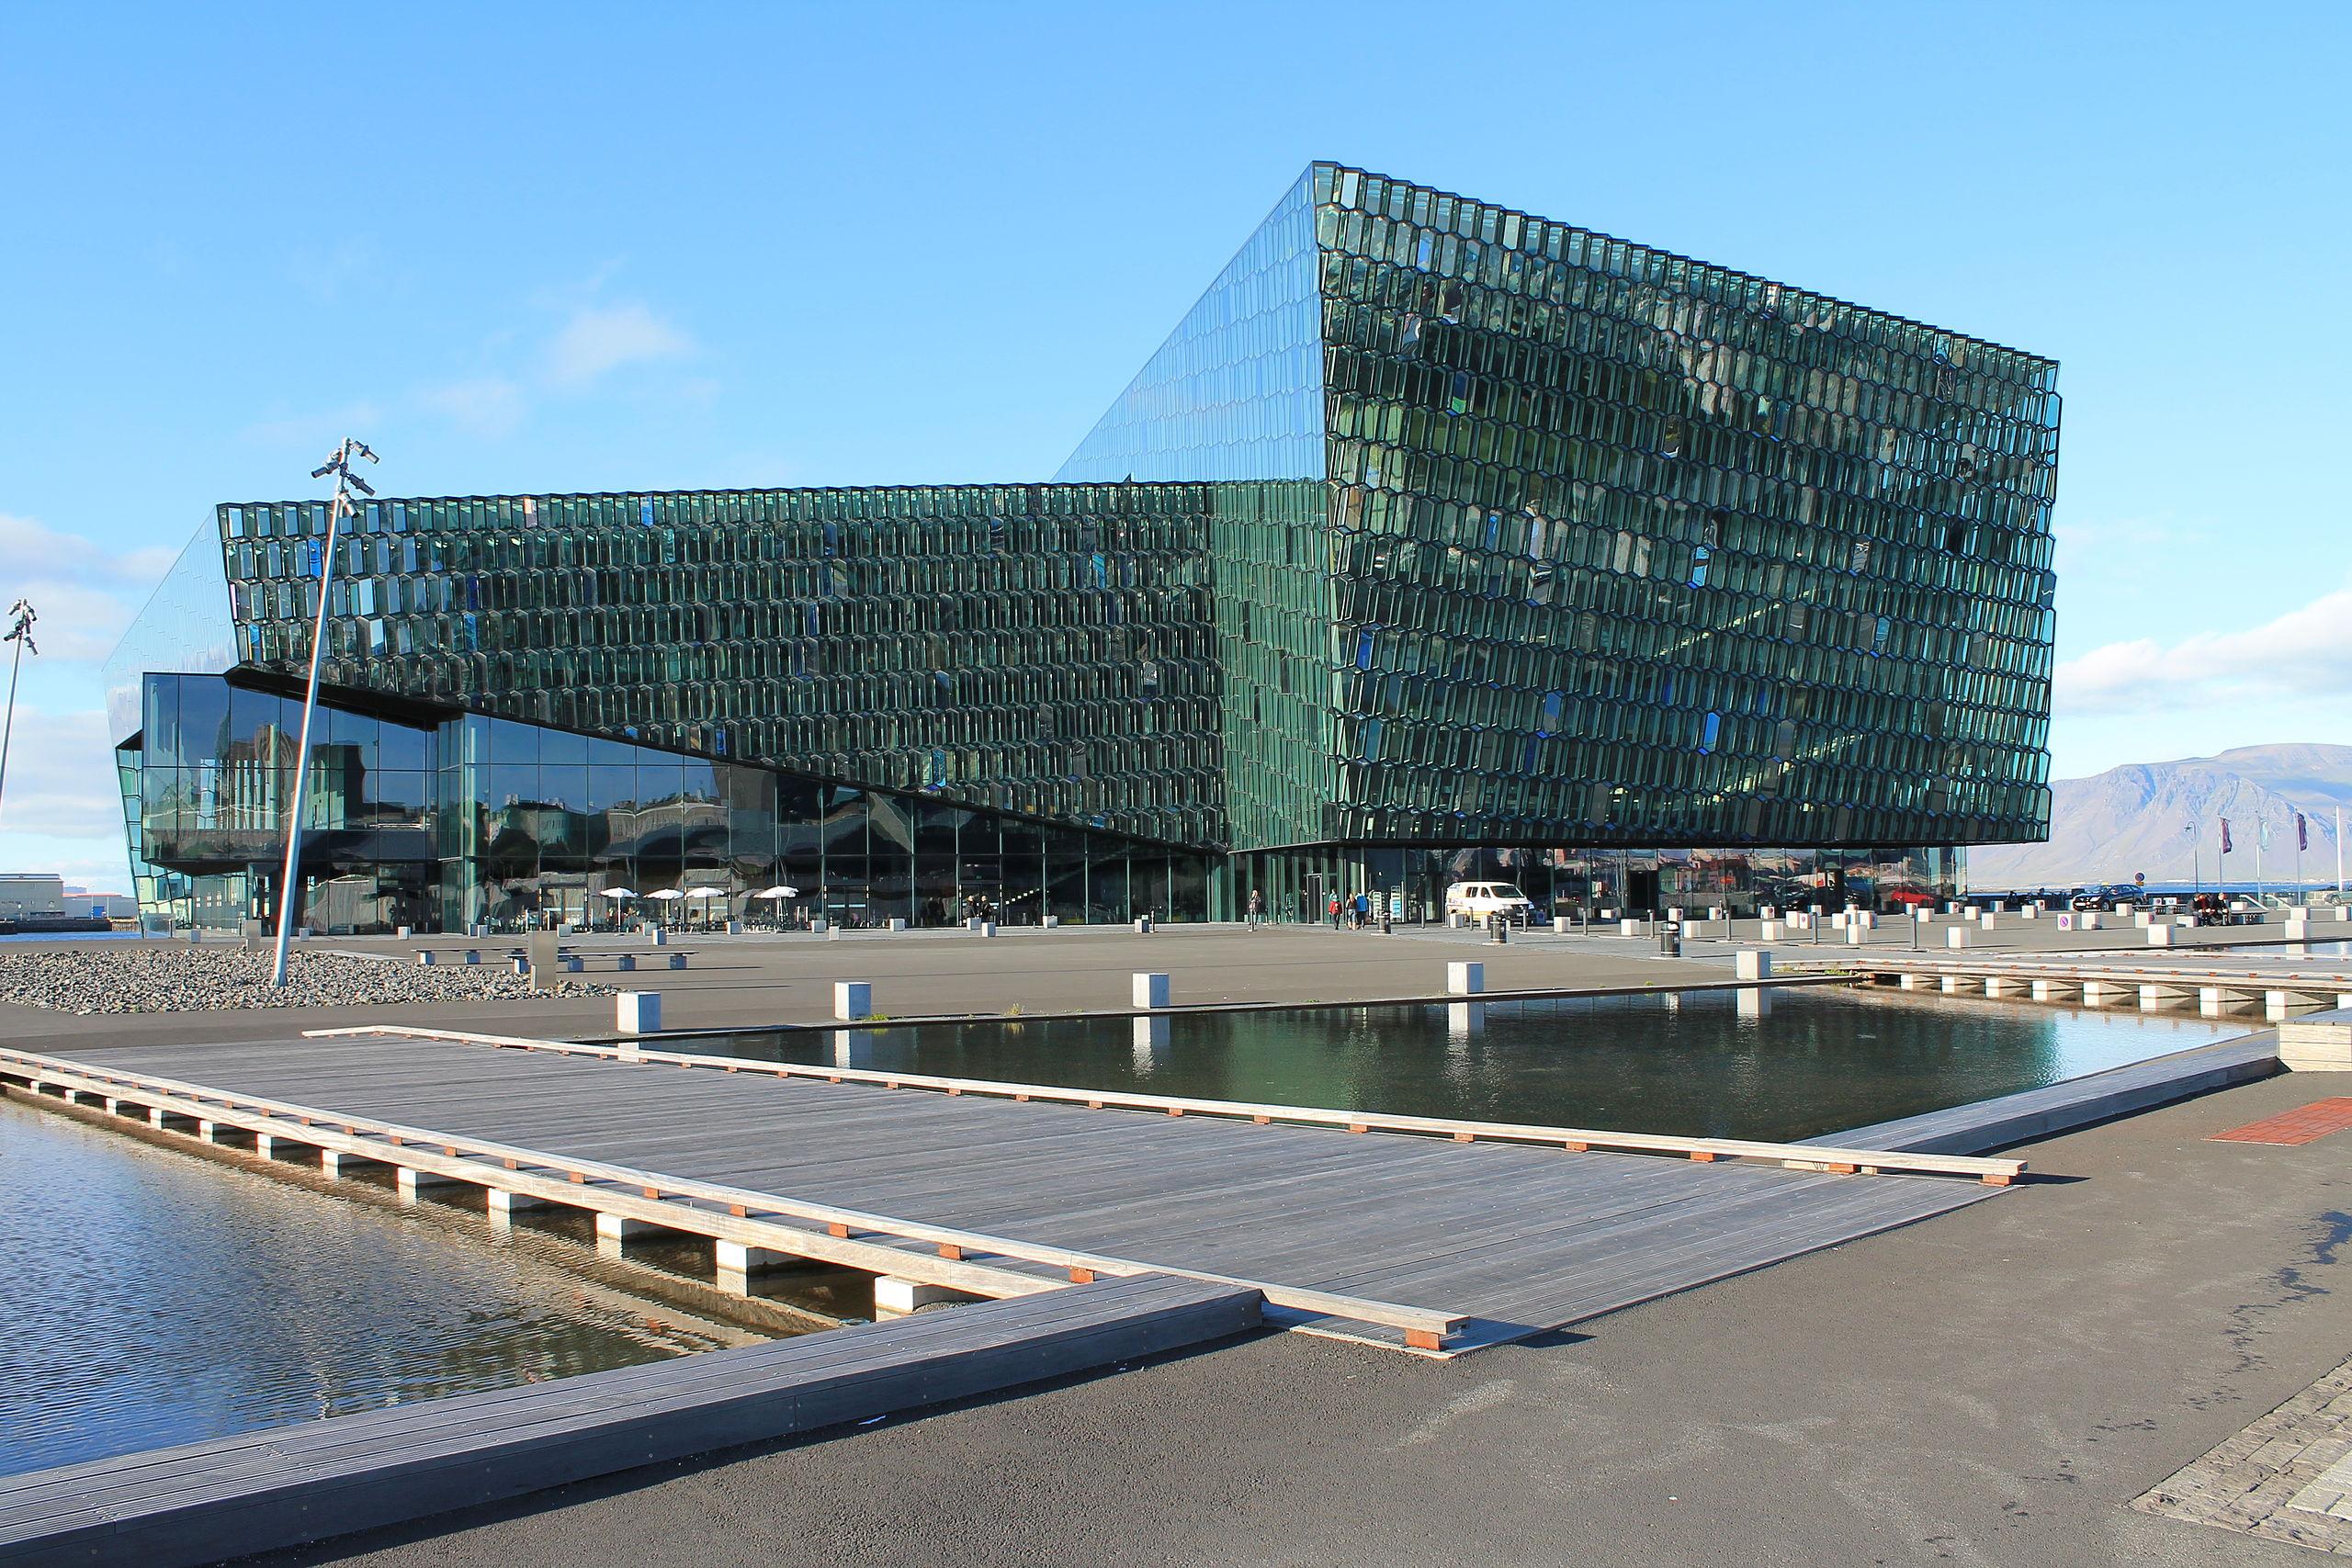 Reykjavik - Salle de concerts Harpa